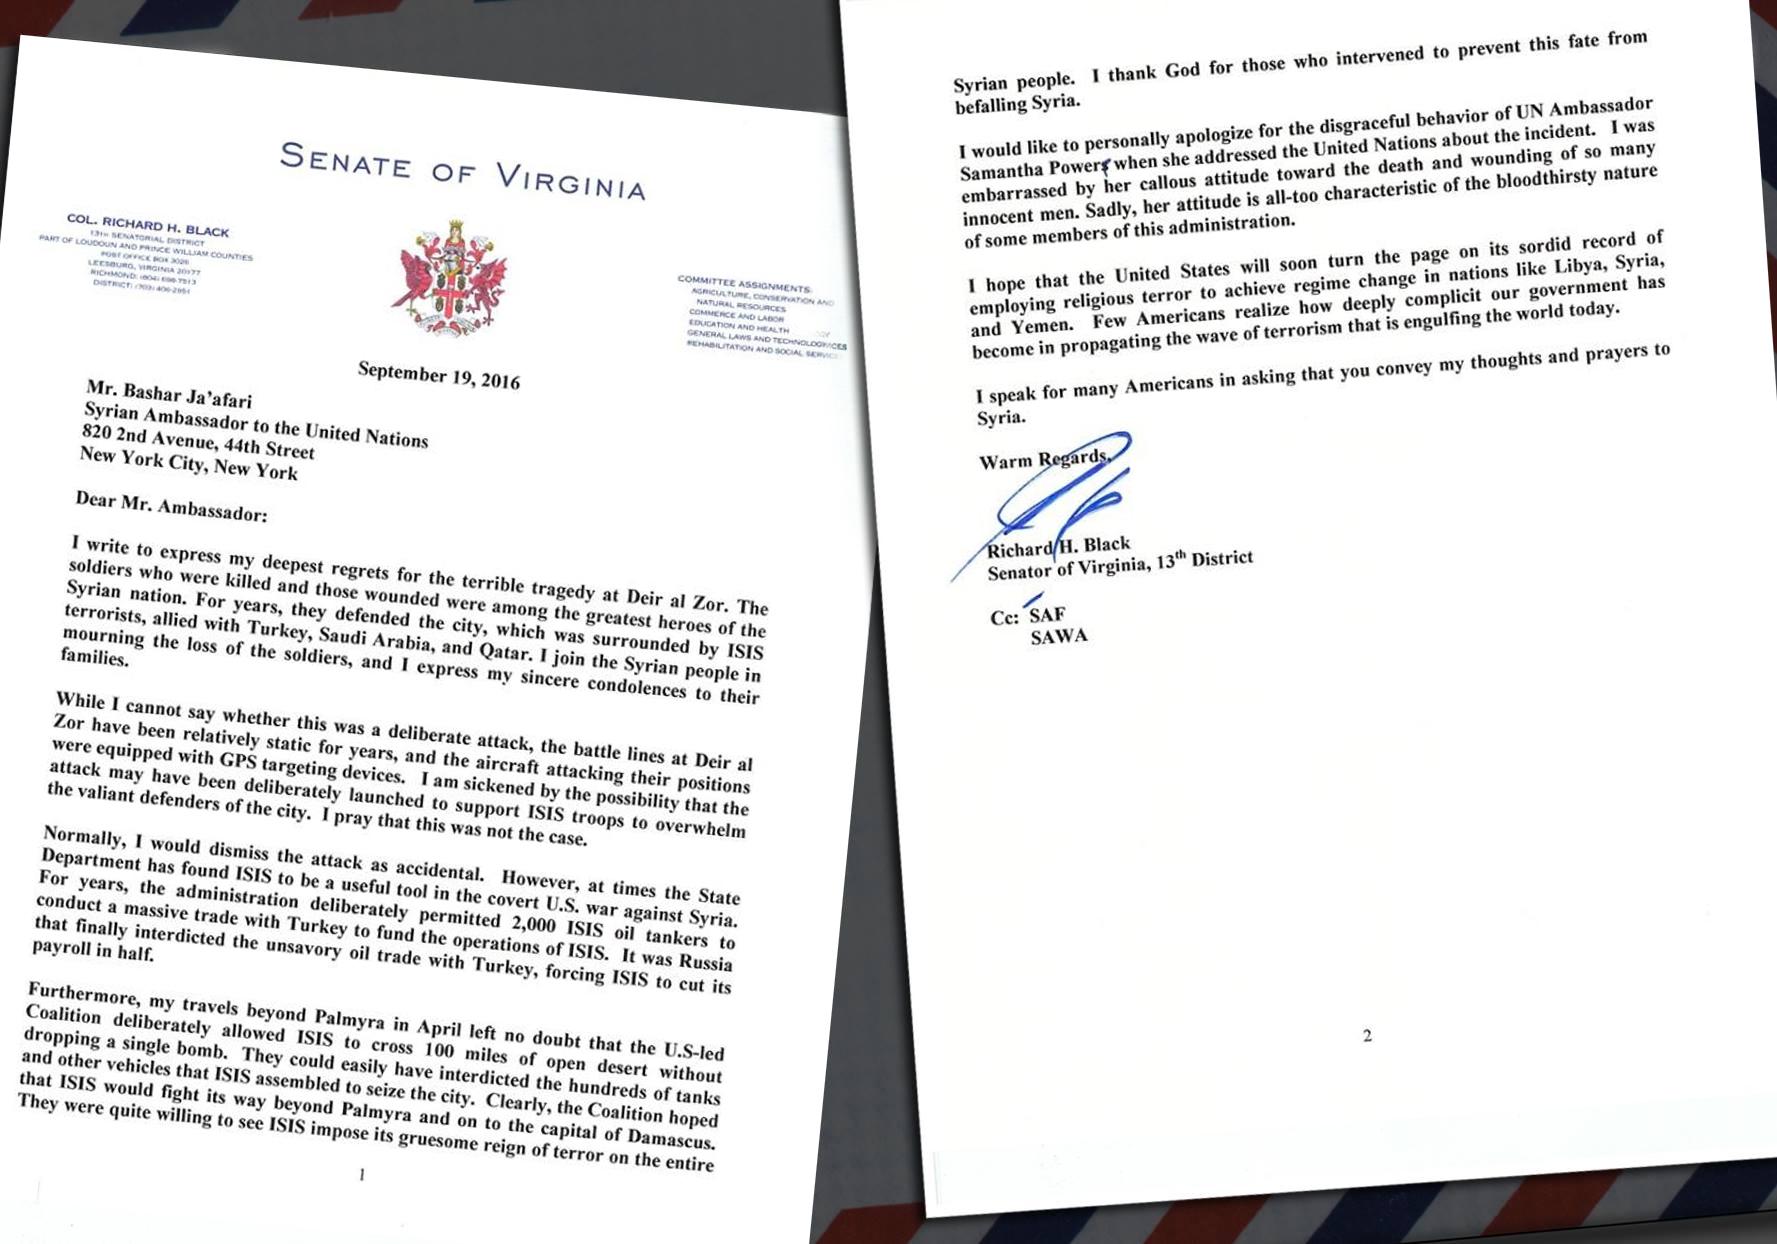 Lettre d'un Sénateur américain au Dr Bachar al-Jaafari, délégué permanent de la Syrie auprès des Nations Unis